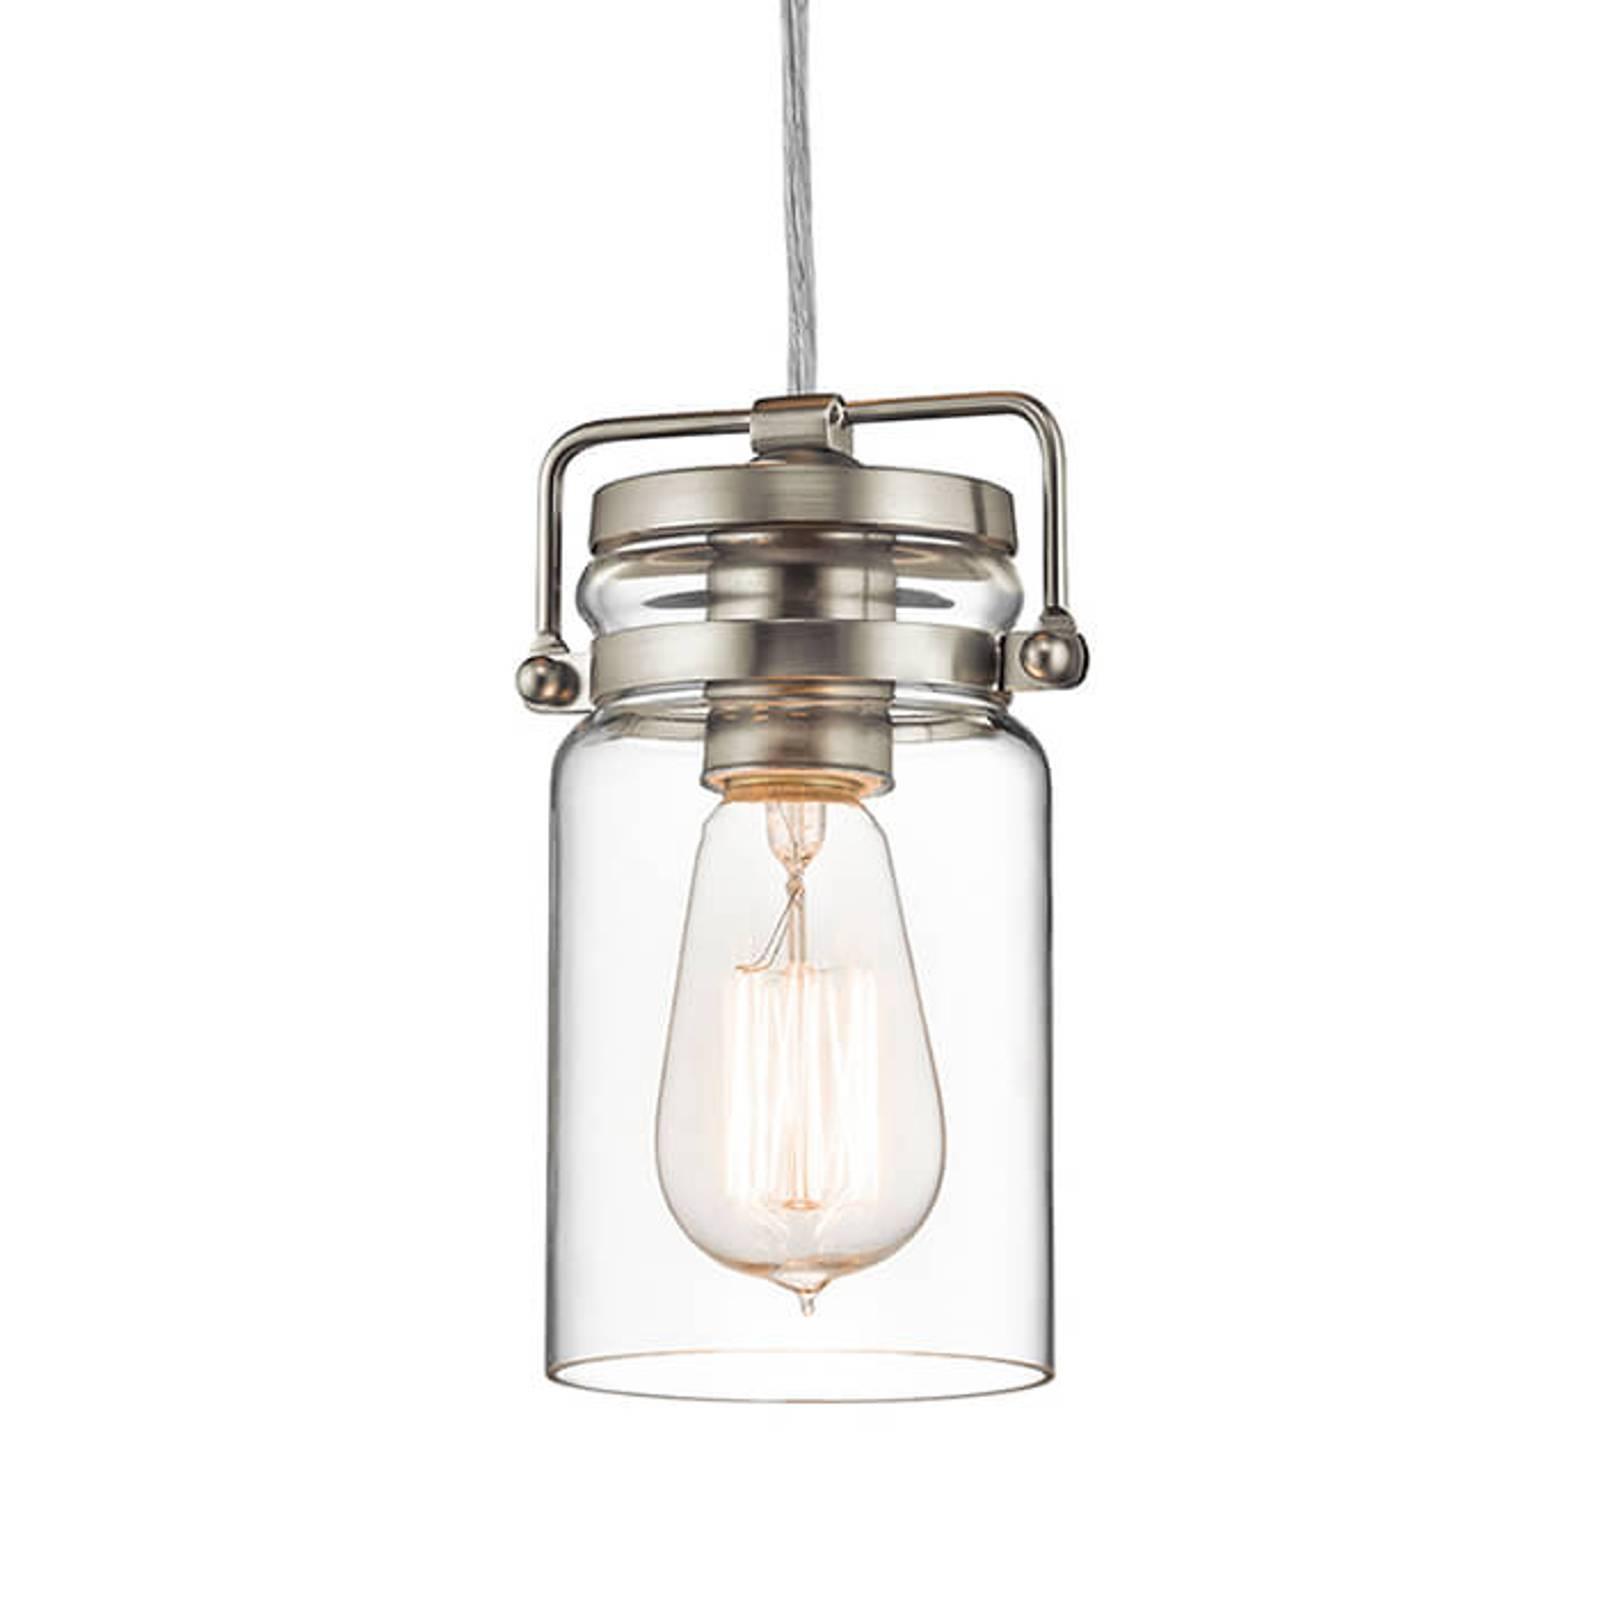 Nowy design, lampa wisząca Brinley w stylu retro